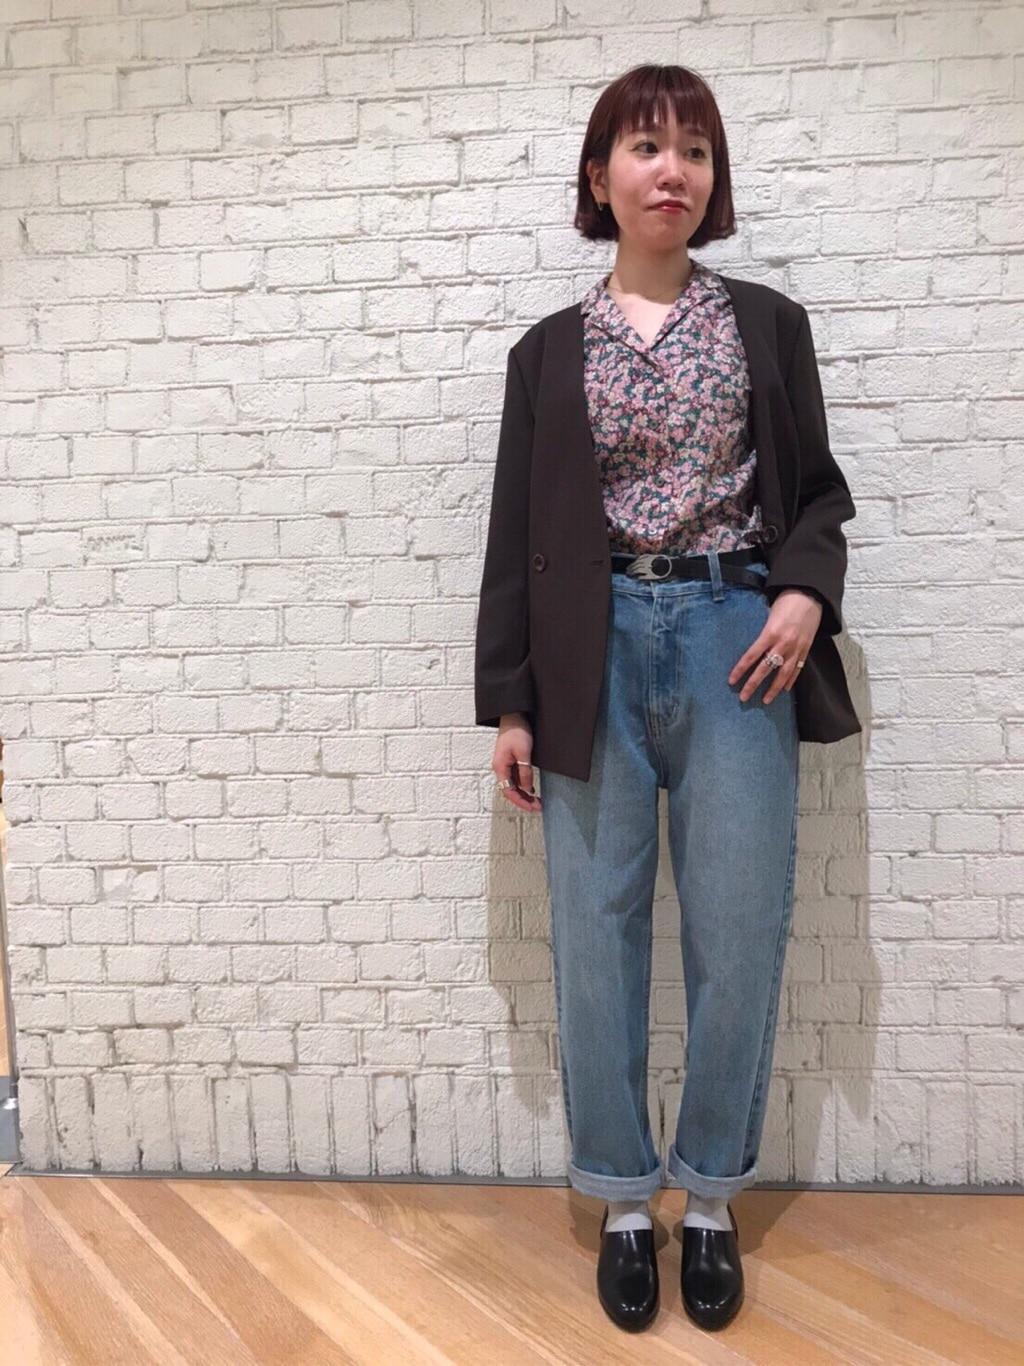 l'atelier du savon グランフロント大阪 身長:162cm 2020.04.17